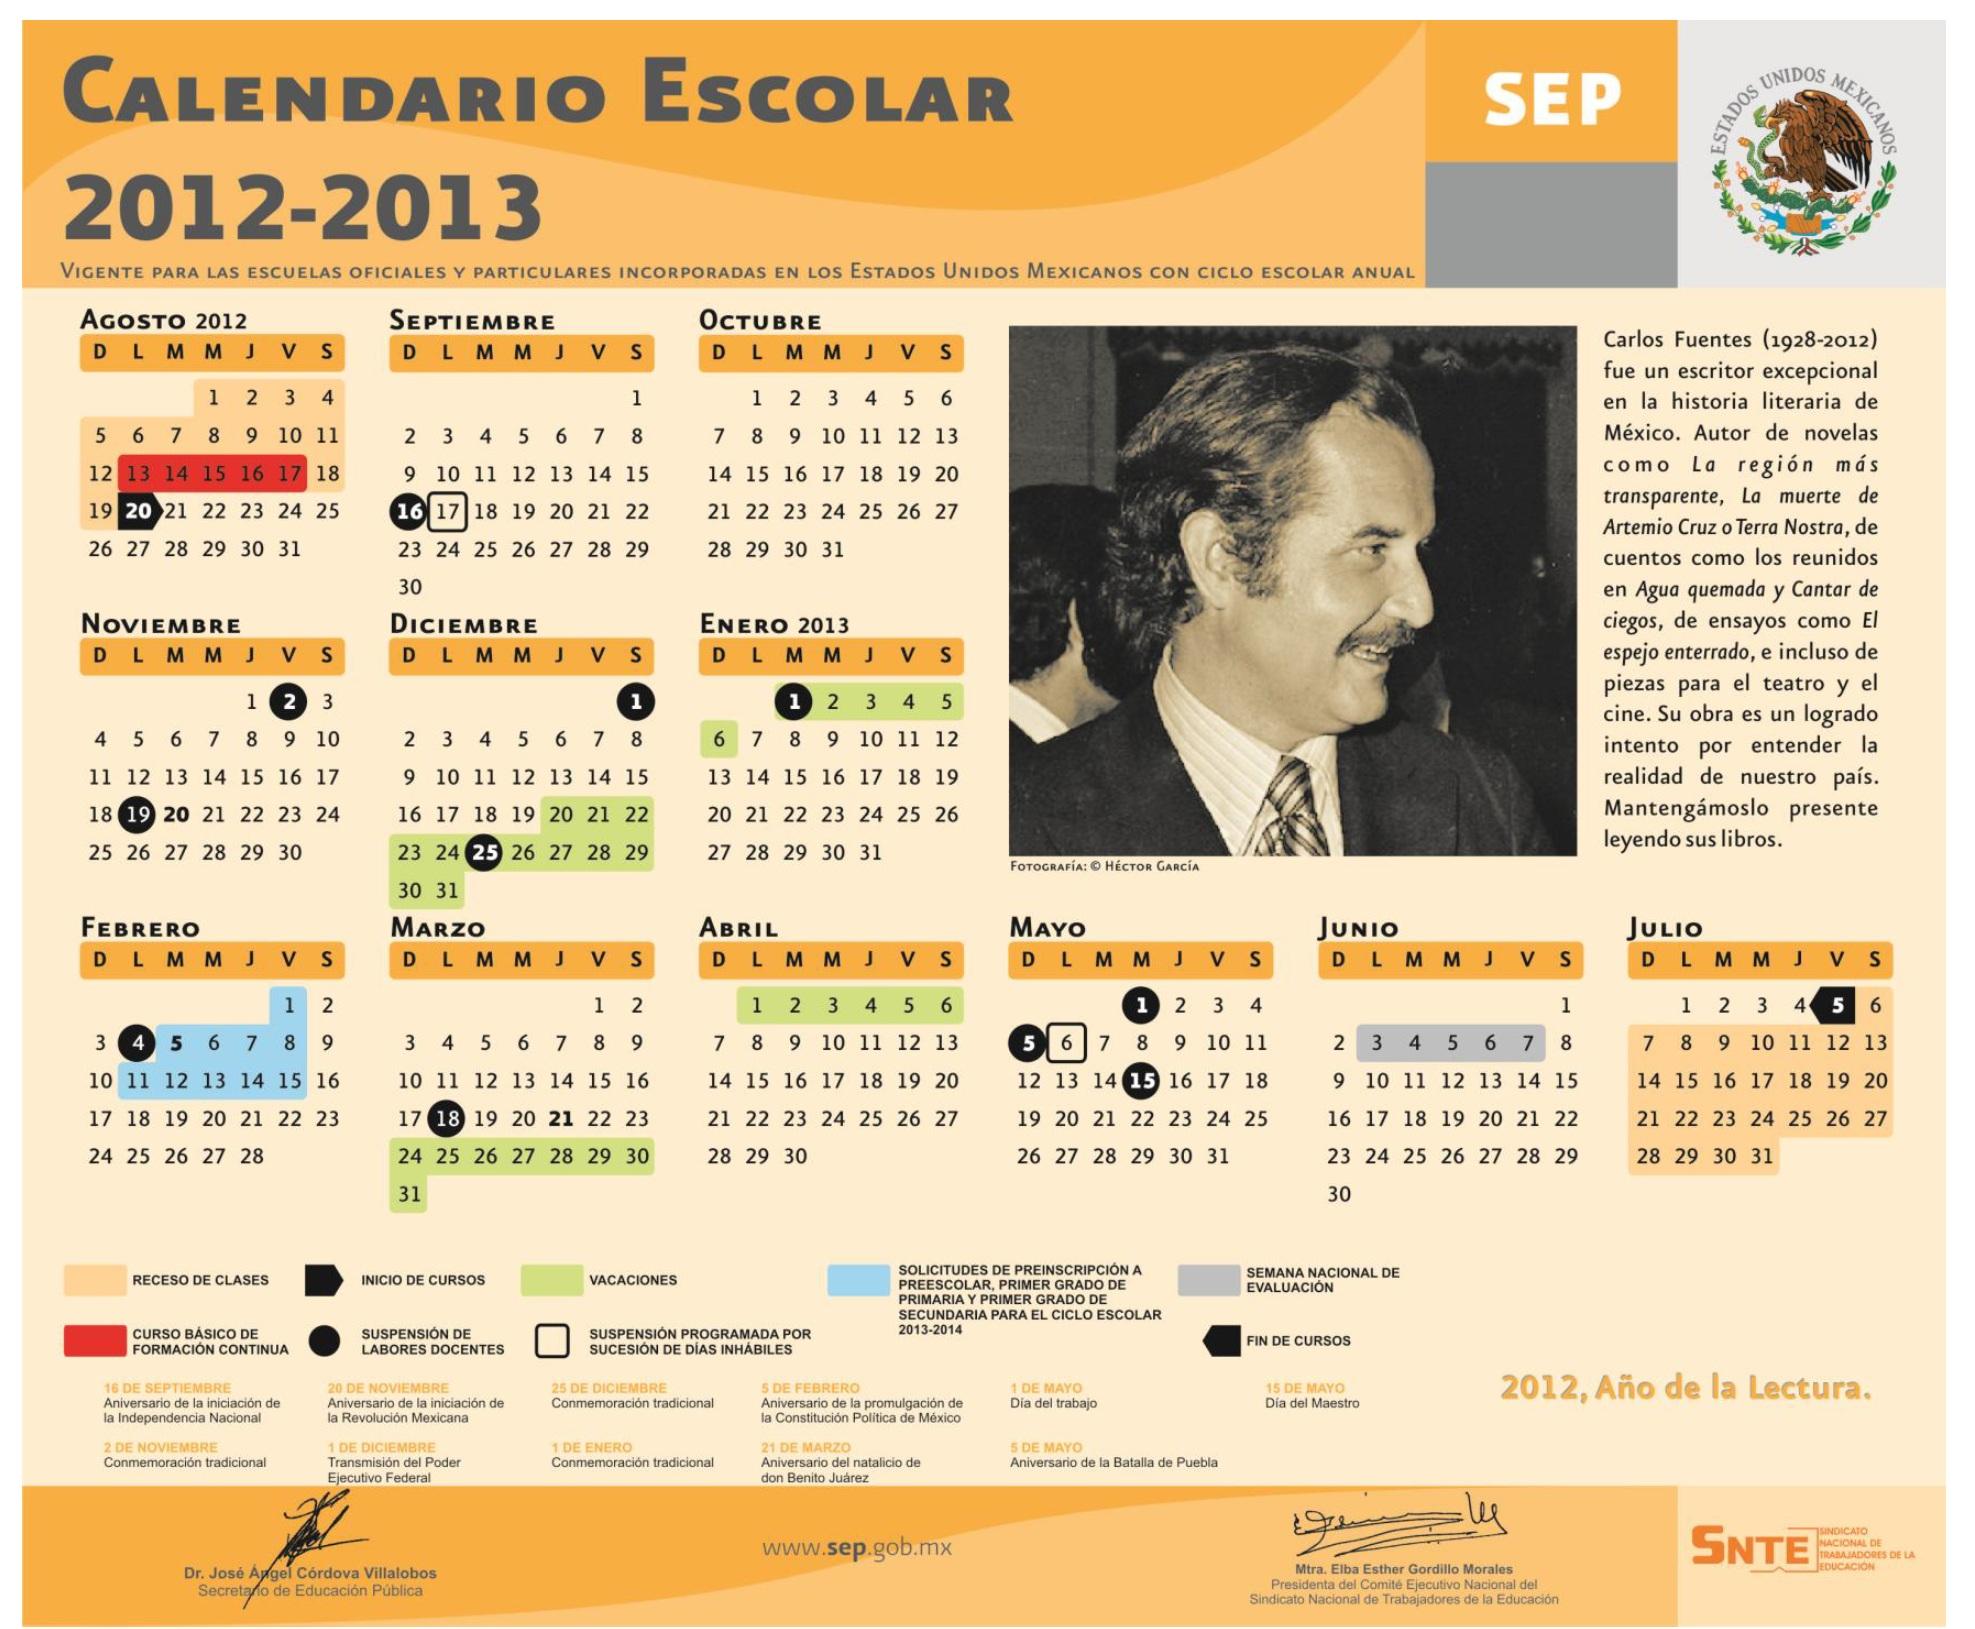 ... de vacaciones de verano continúan hasta el 19 de junio de 2012